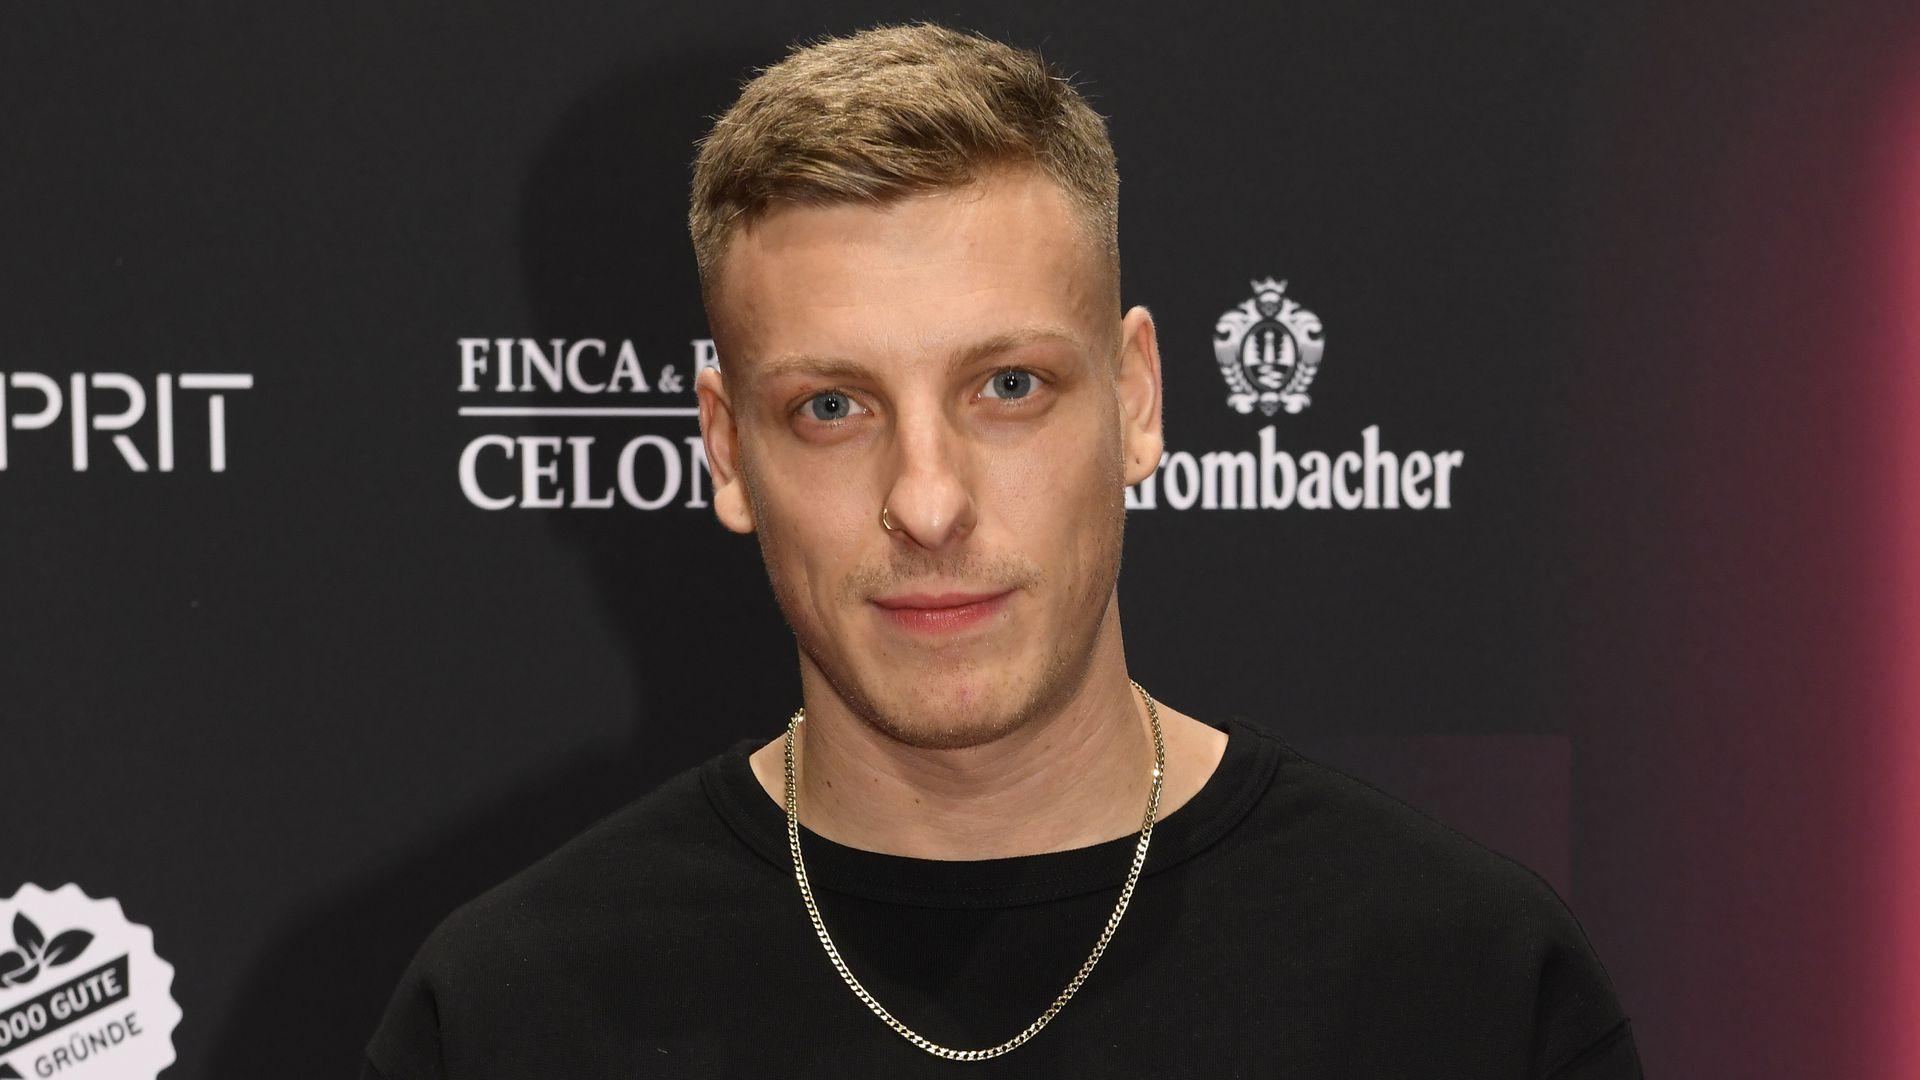 Felix.Lobrecht